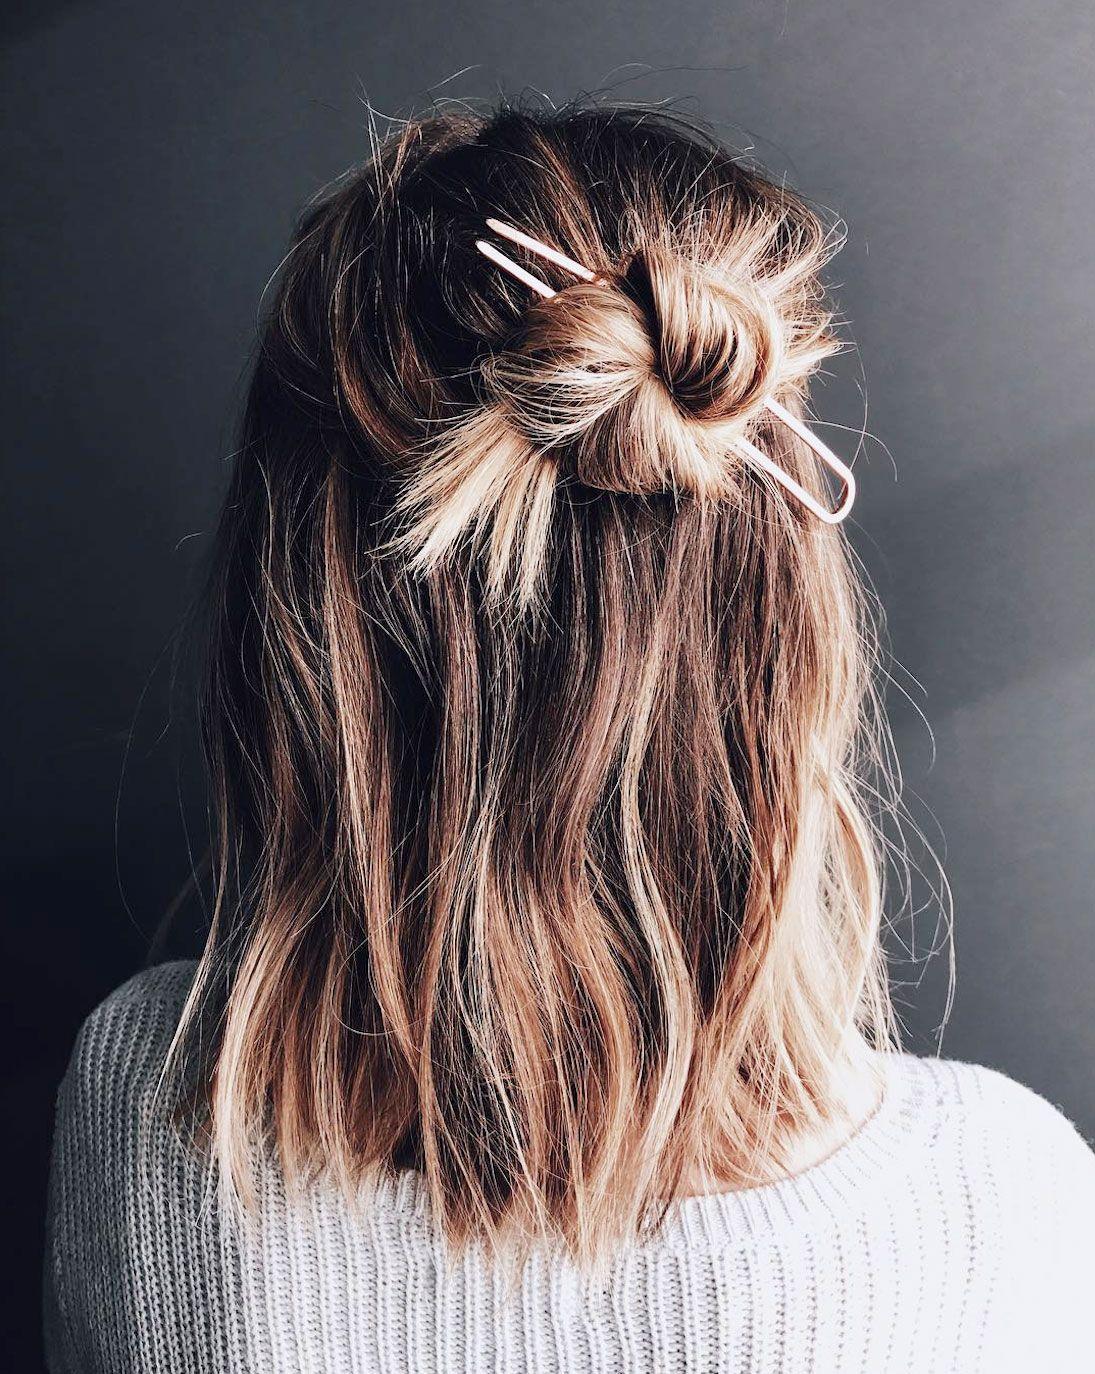 16 Half Bun Hairstyles for 2019 , How to Do a Half Bun Tutorial